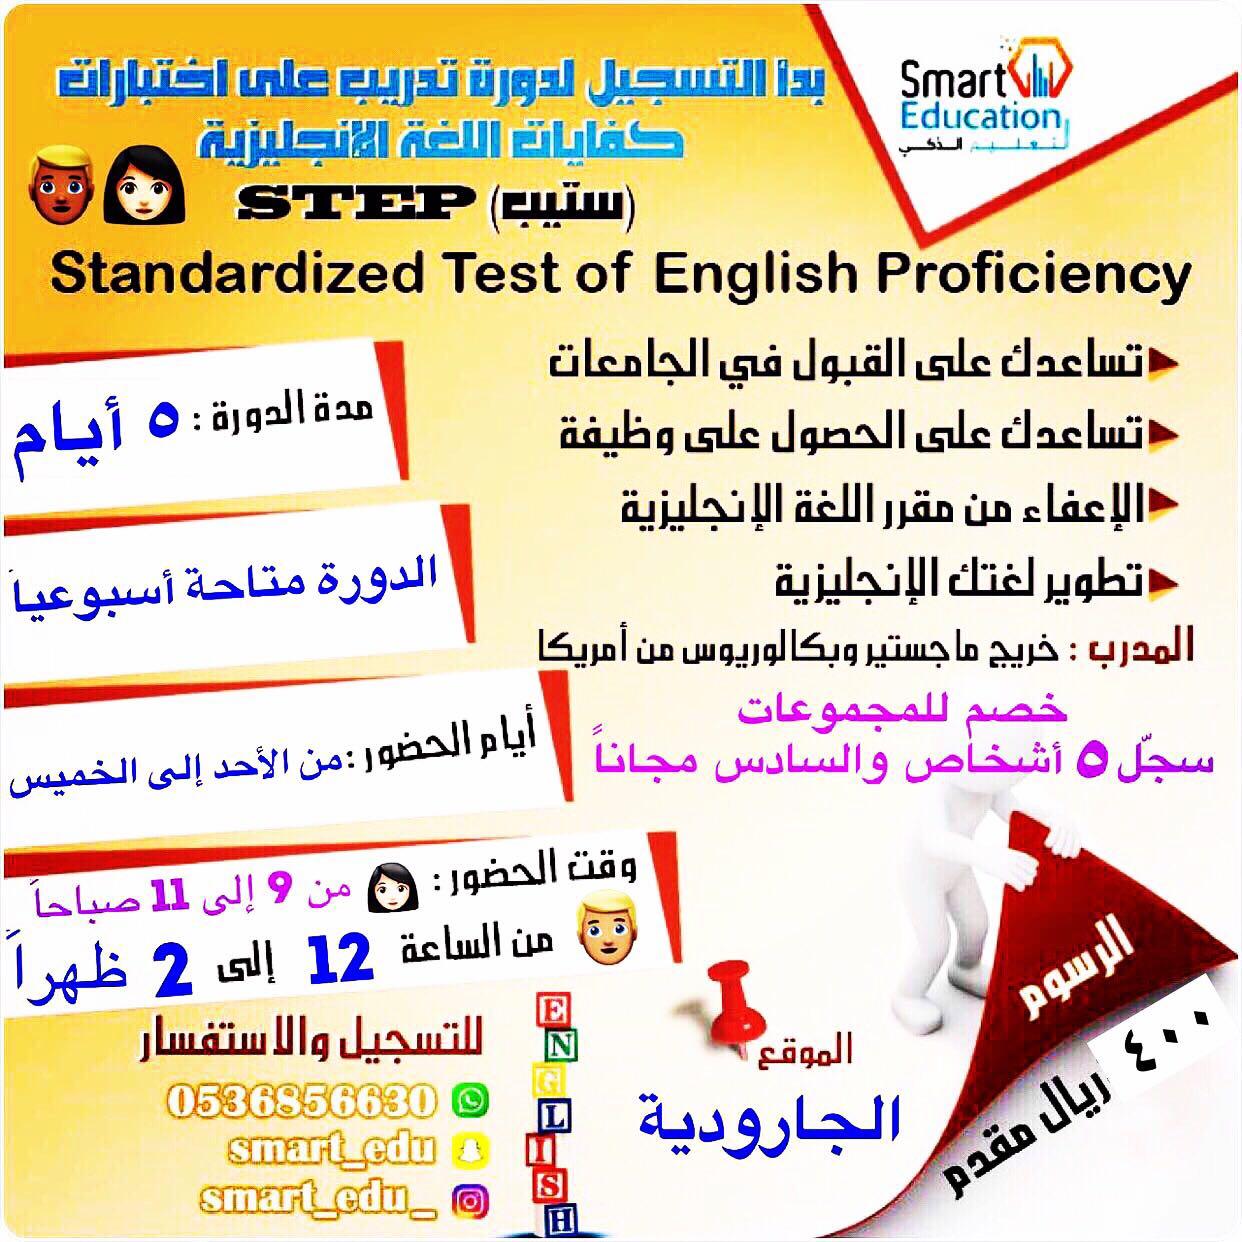 أسبوعيا دورة Step تدريب على اختبار كفايات اللغة الإنجليزية ستيب القطيف اليوم